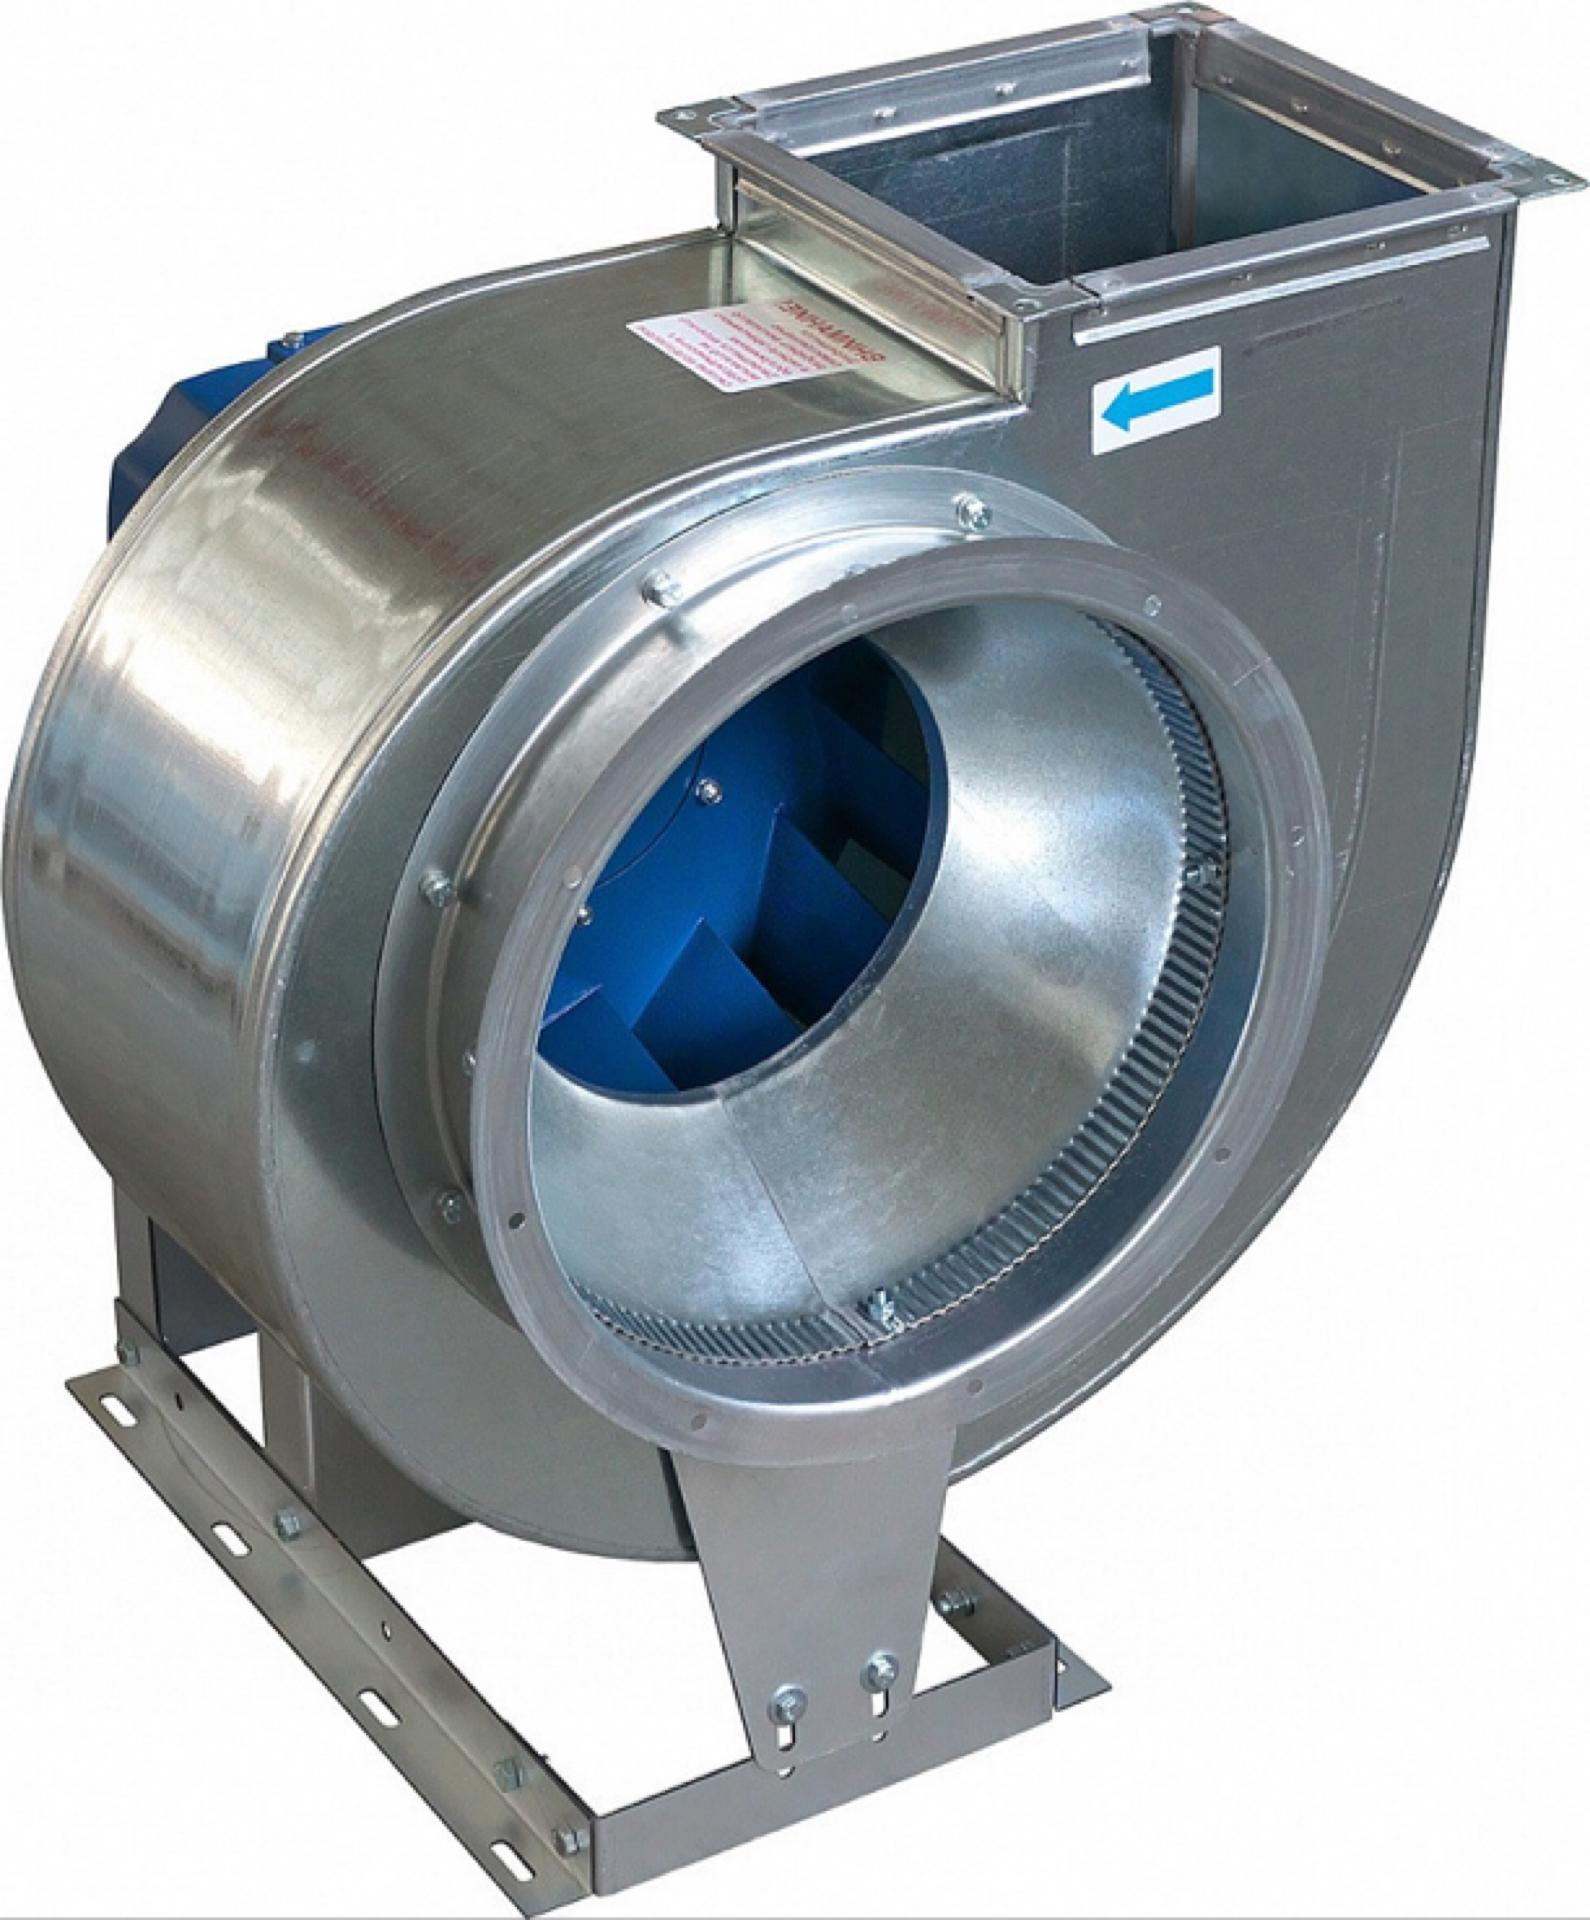 Вентилятор ВР-86-77-5,0 2,2 кВт*1500 об/мин ЛО